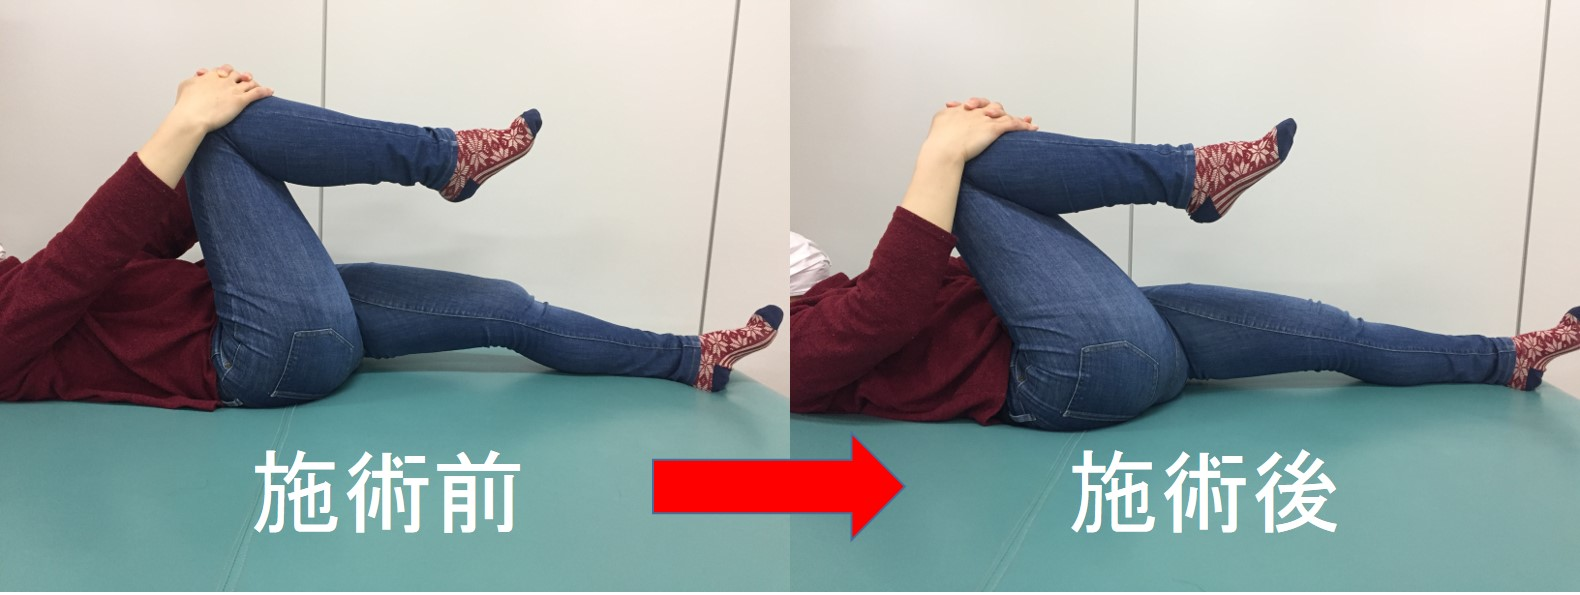 仙台で臼蓋形成不全に筋膜調整を行う整体での施術後の変化